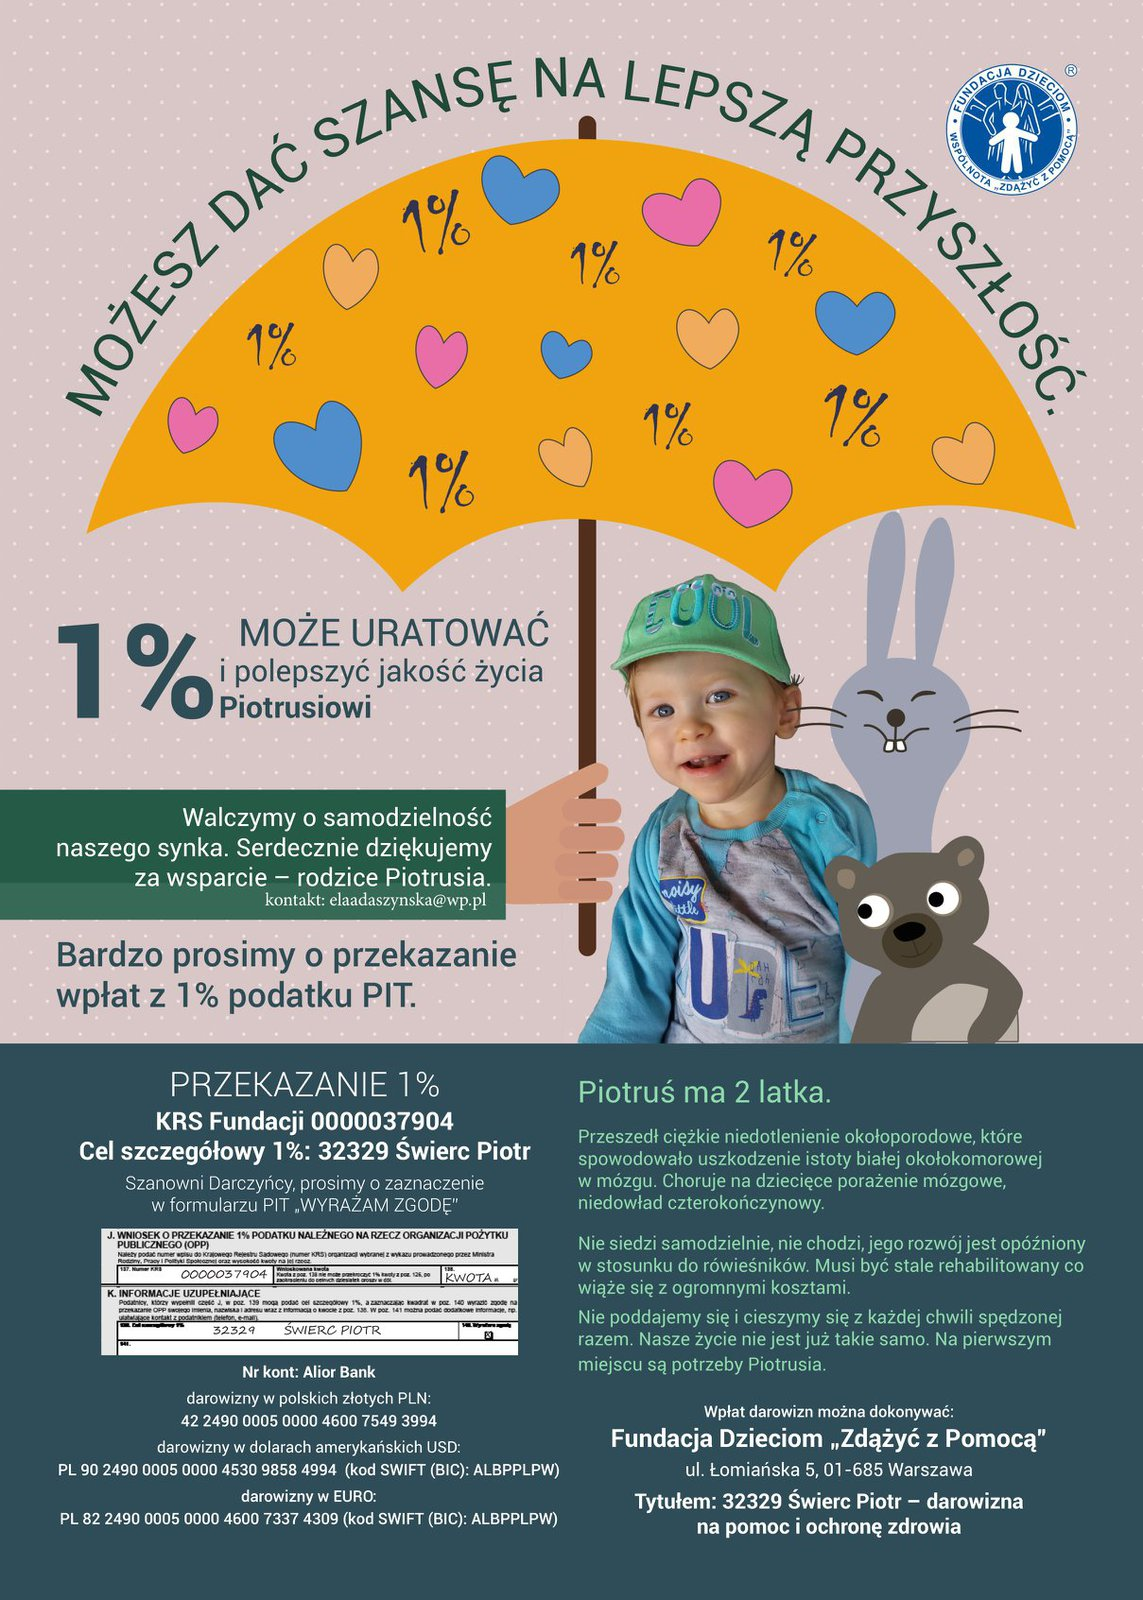 """Możesz dać szansę na lepszą przyszłość. 1 % może uratować i polepszyć jakość życia Piotrusiowi. Walczymy o samodzielność naszego synka. Serdecznie dziękujemy za wsparcie - rodzice Piotrusia. Kontakt: eladaszynska@wp.pl Bardzo promy o przekazanie wpłat z 1% podatku PIT. Przekazanie 1%/ KRS Fundacji 0000037904 Cel szczegółowy 1%: 32329 Świerc Piotr Piotruś ma 2 latka.  Przeszedł ciężkie niedotlenieniem okołoporodwe, które spowodowało uszkodzenie istoty białej okołokomorowej w mózgu. Choruje na dziecięce porażenie mózgowe, niedowład czterokończynowy. Nie siedzi samodzielnie, nie chodzi, jego rozwój jest opóźniony do rówieśników. Musi być stale rehabilitowany, co wiąże się z ogromnymi kosztami. Nie poddajemy się i cieszymy się z każdej chwili spędzonej razem. Nasze życie nie jest już takie samo. Na pierwszym miejscu są potrzeby Piotrusia. Wpłat darowizm można dokonywać: Fundacja Dzieciom """"Zdążyć z Pomocą"""" ul. Łomiańska 5, 01-685 Warszawa Tytułem: 32329 Świerc Piotr - darowizna na pomoc i ochronę zdrowia"""